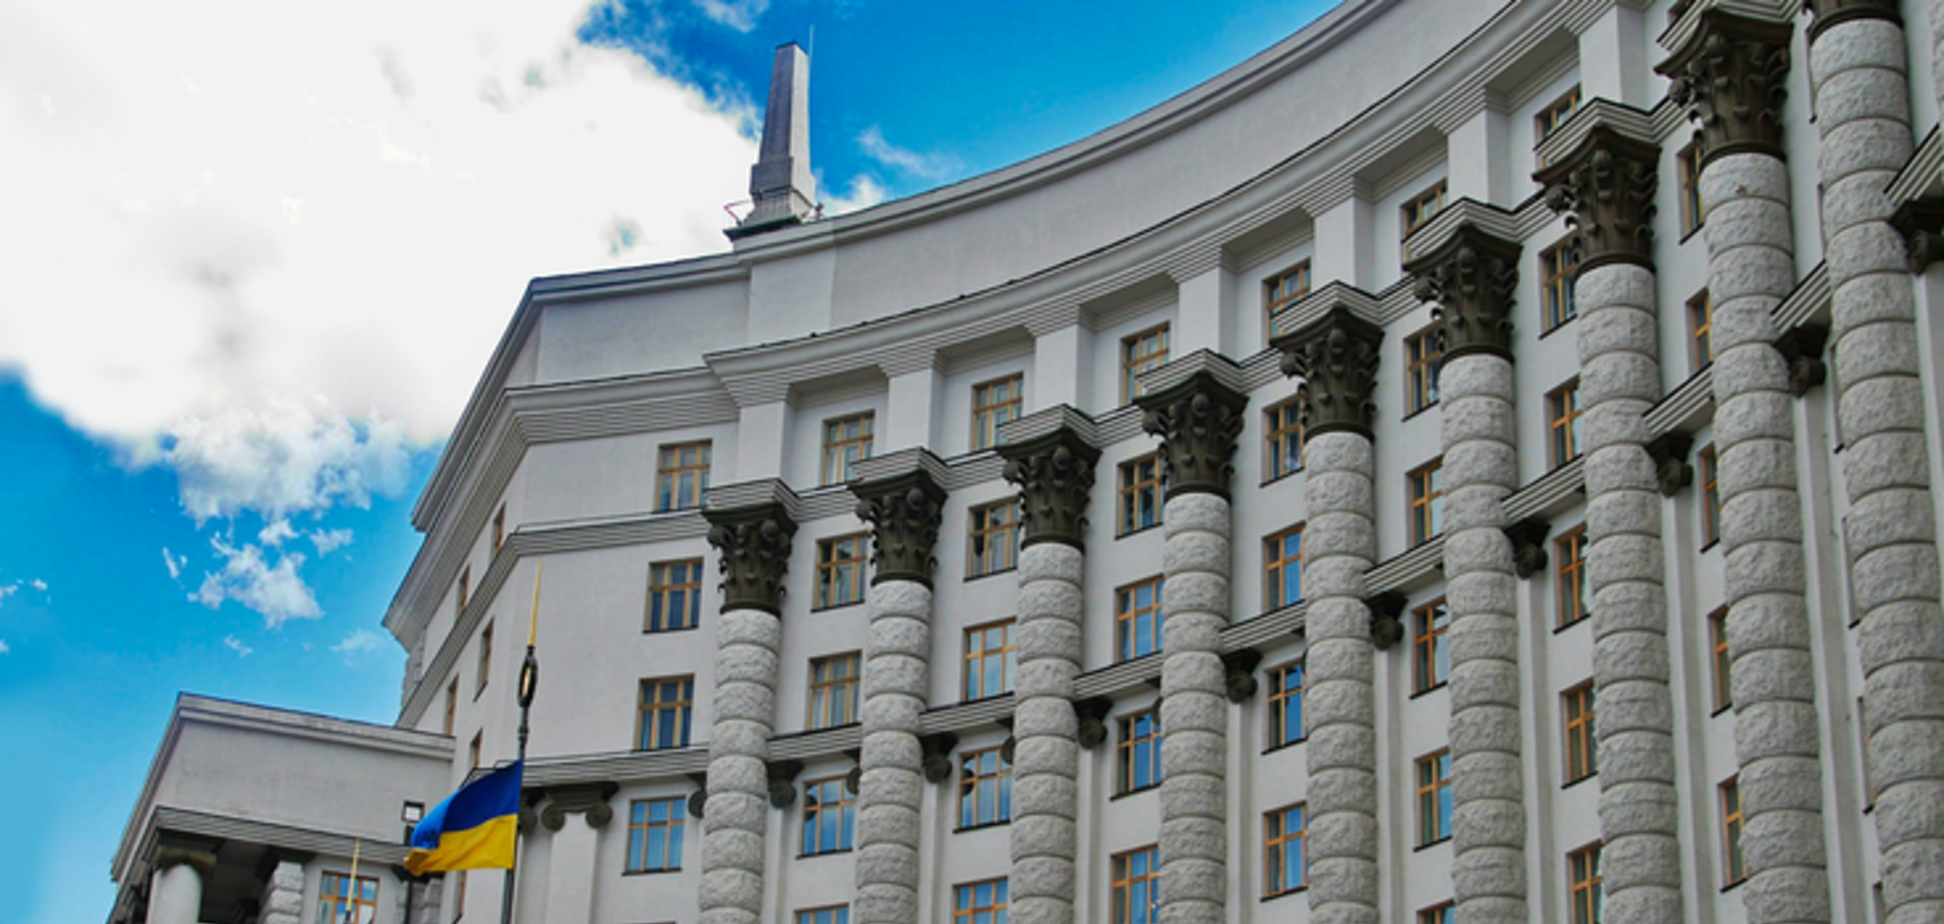 Дело CNBM: активы арестовали, чтобы передать их АРМА - источник